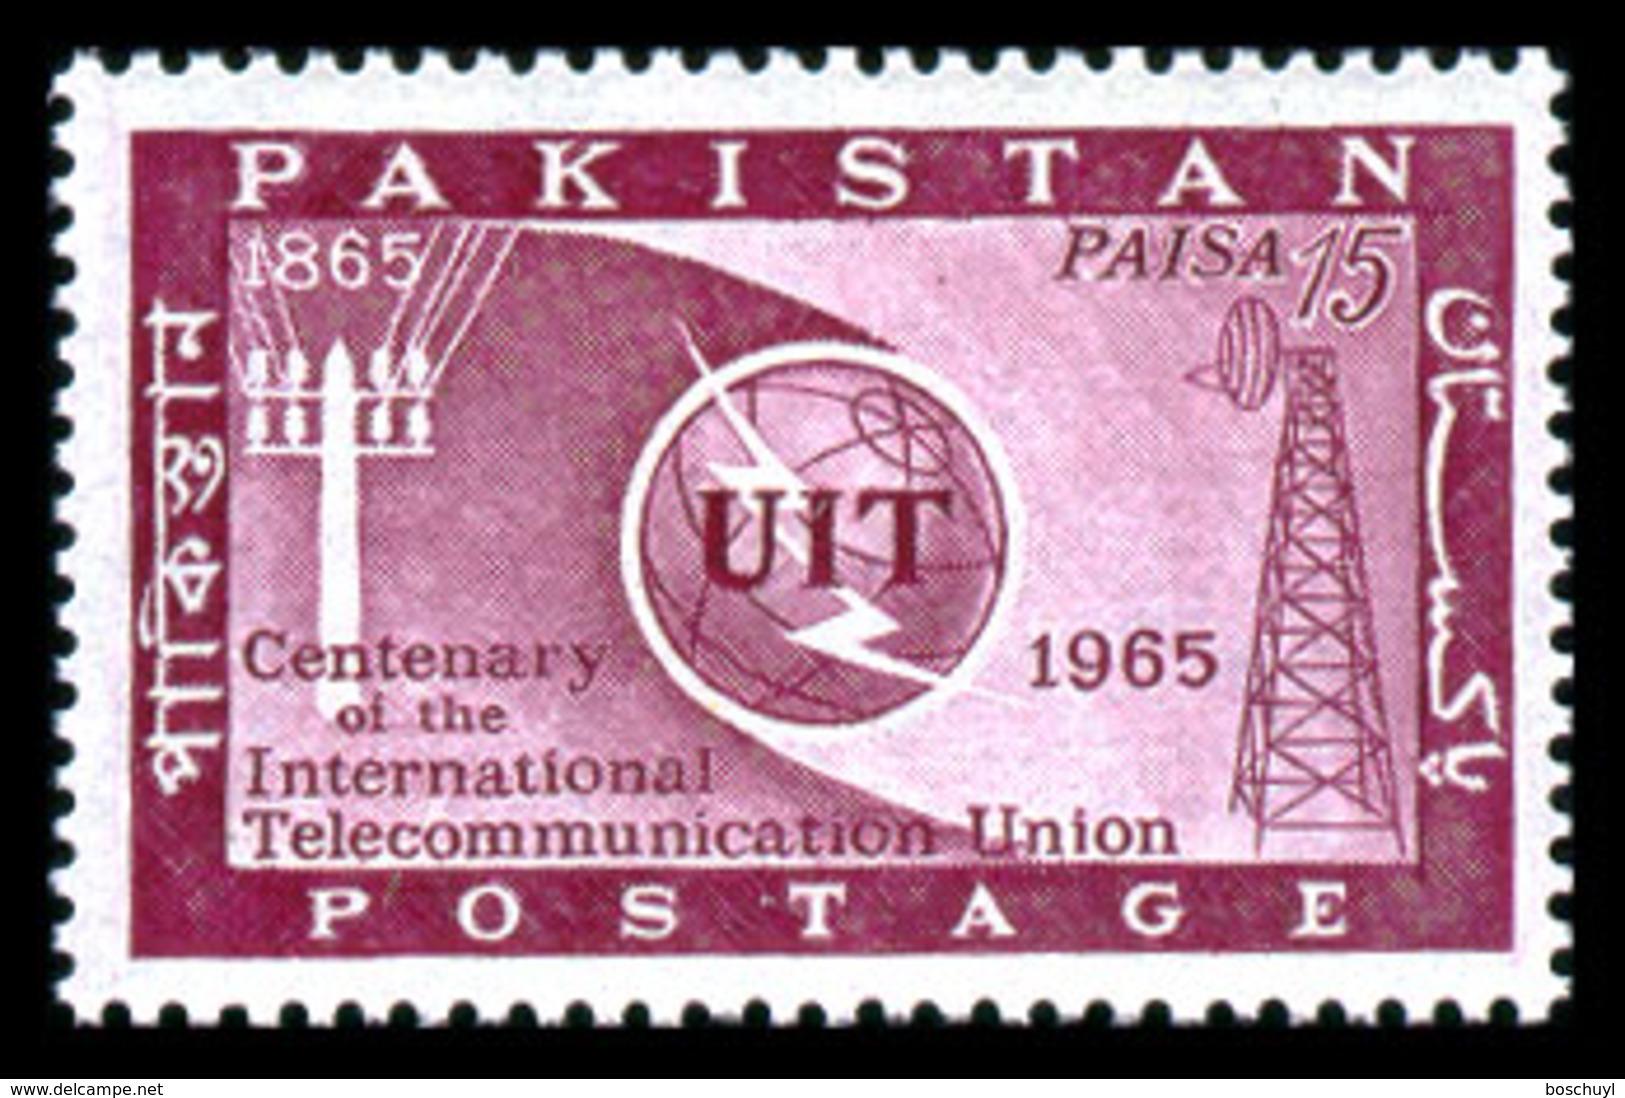 Pakistan, 1965, ITU Centenary, International Telecommunication Union, United Nations, MNH, Michel 216 - Pakistan